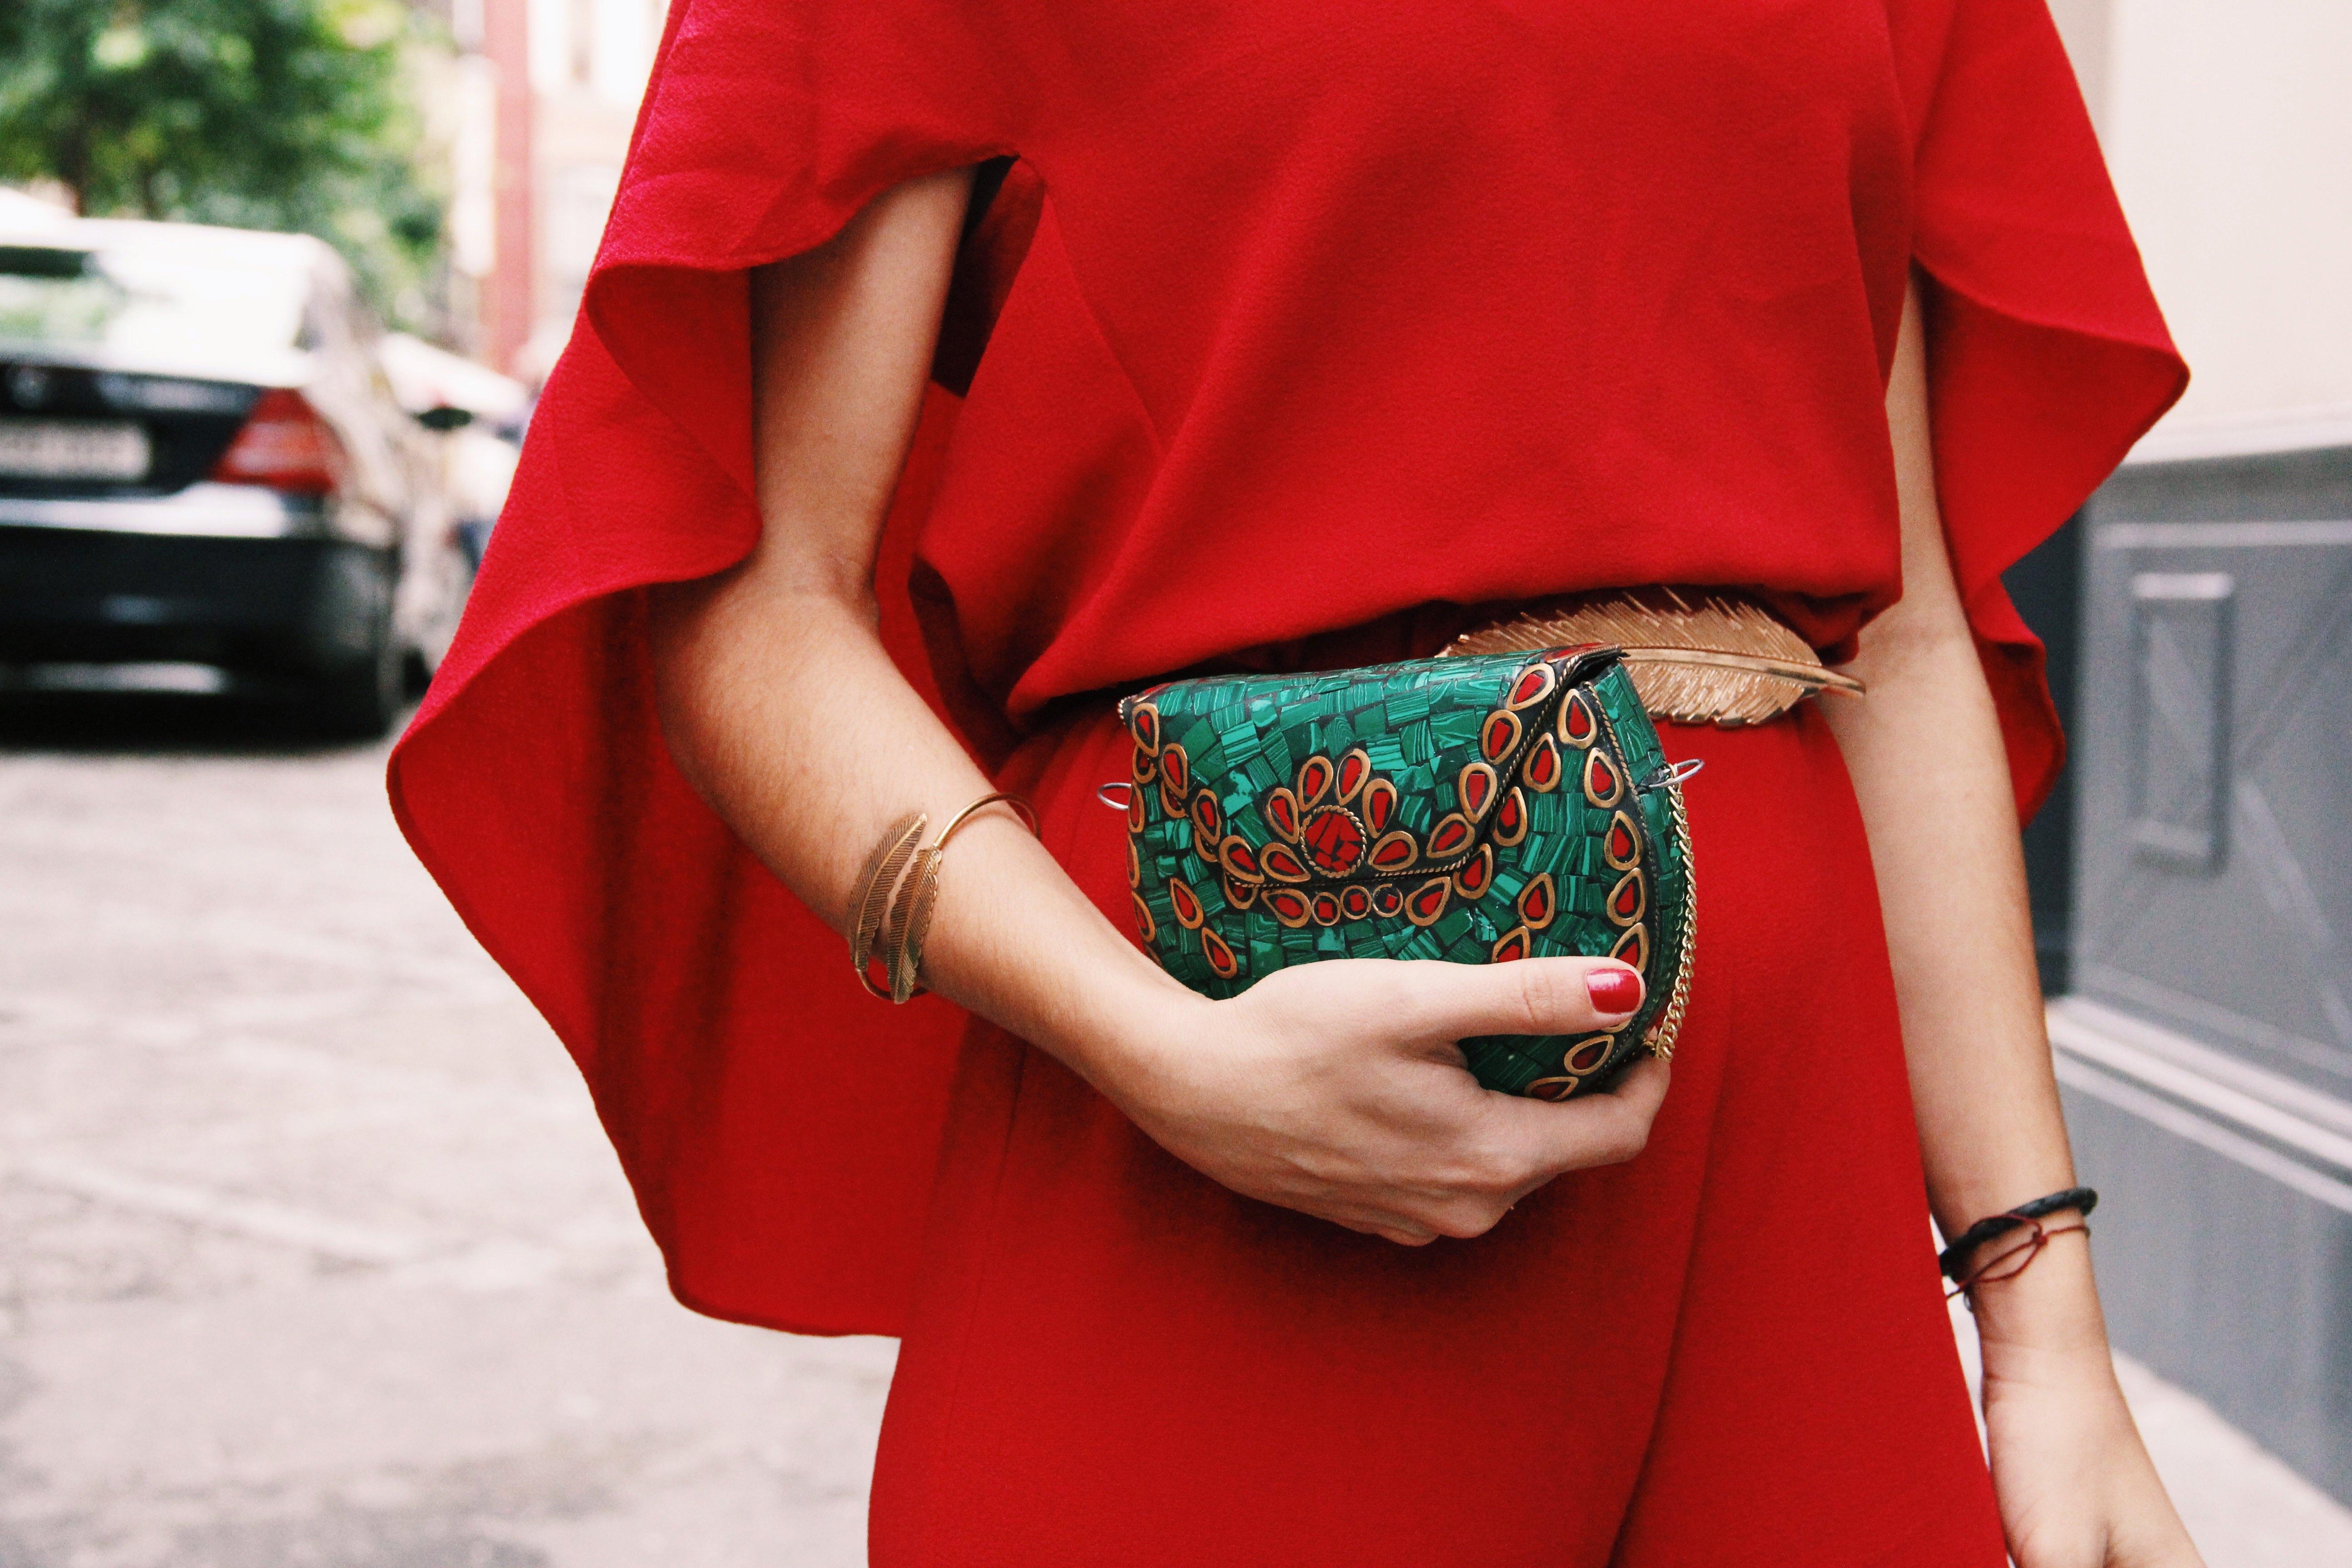 Zara- mono_rojo-Iook_de_boda-cinturon_de_pluma-complementos_dorados- red_outfit- chaqueta_terciopelo_bordado- Less_is_more-3